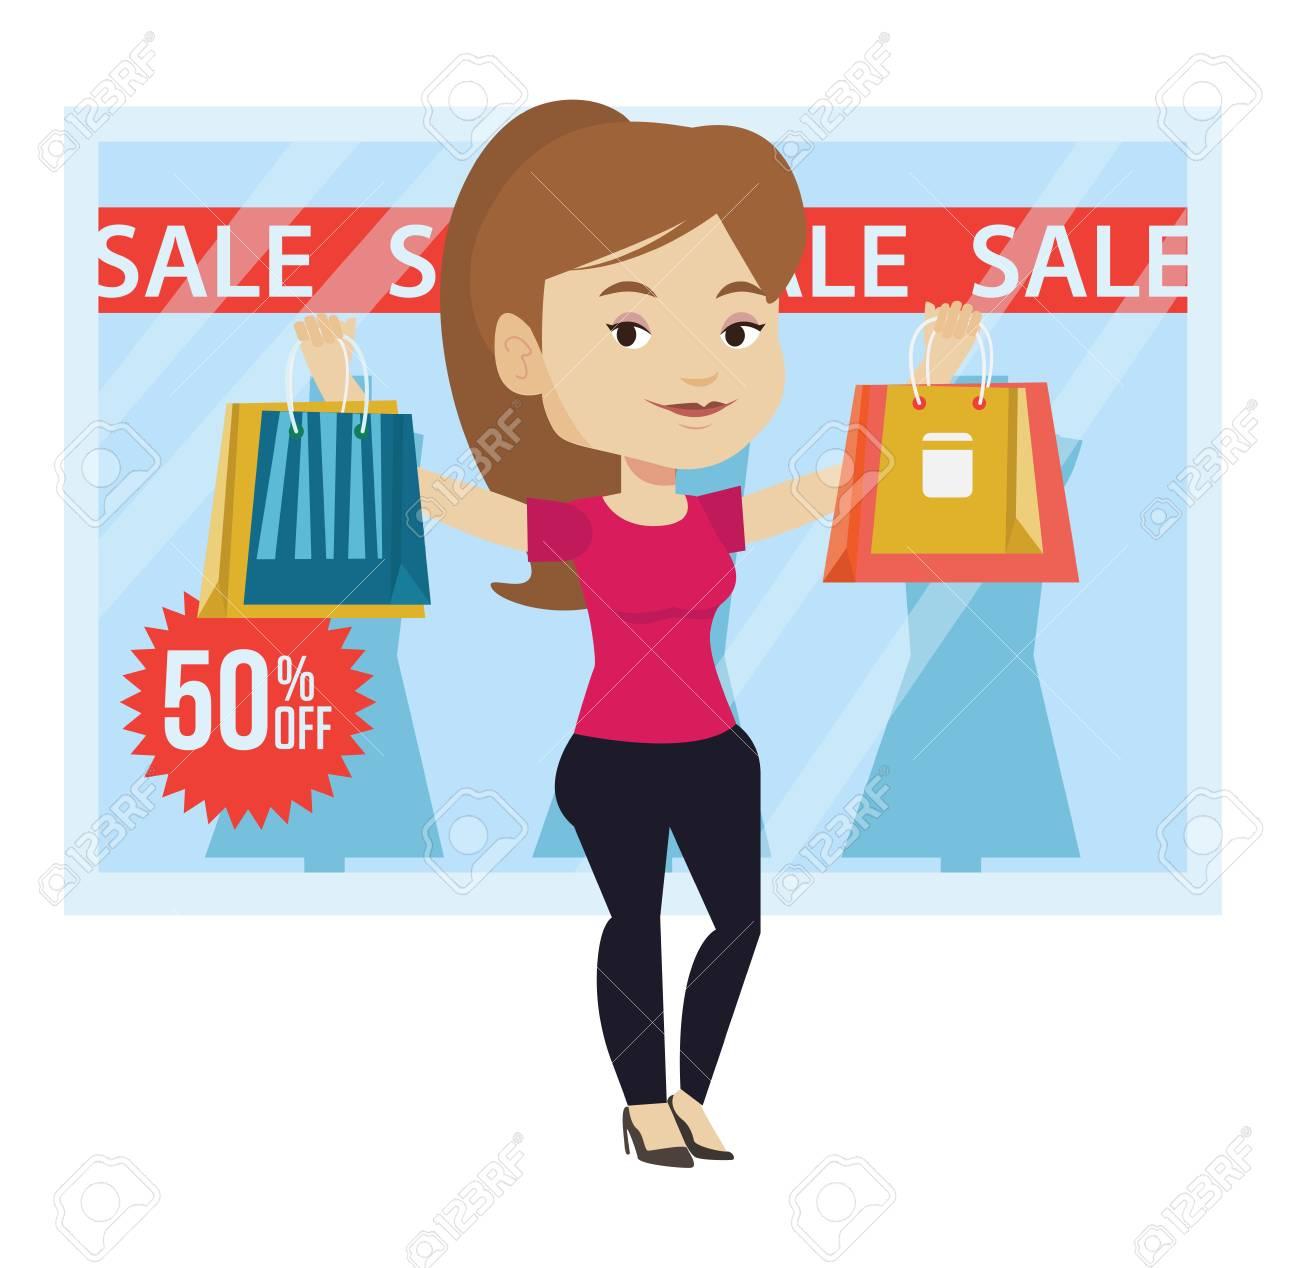 Femme A Vendre En Vente Illustration Vectorielle Clip Art Libres De Droits Vecteurs Et Illustration Image 70567833